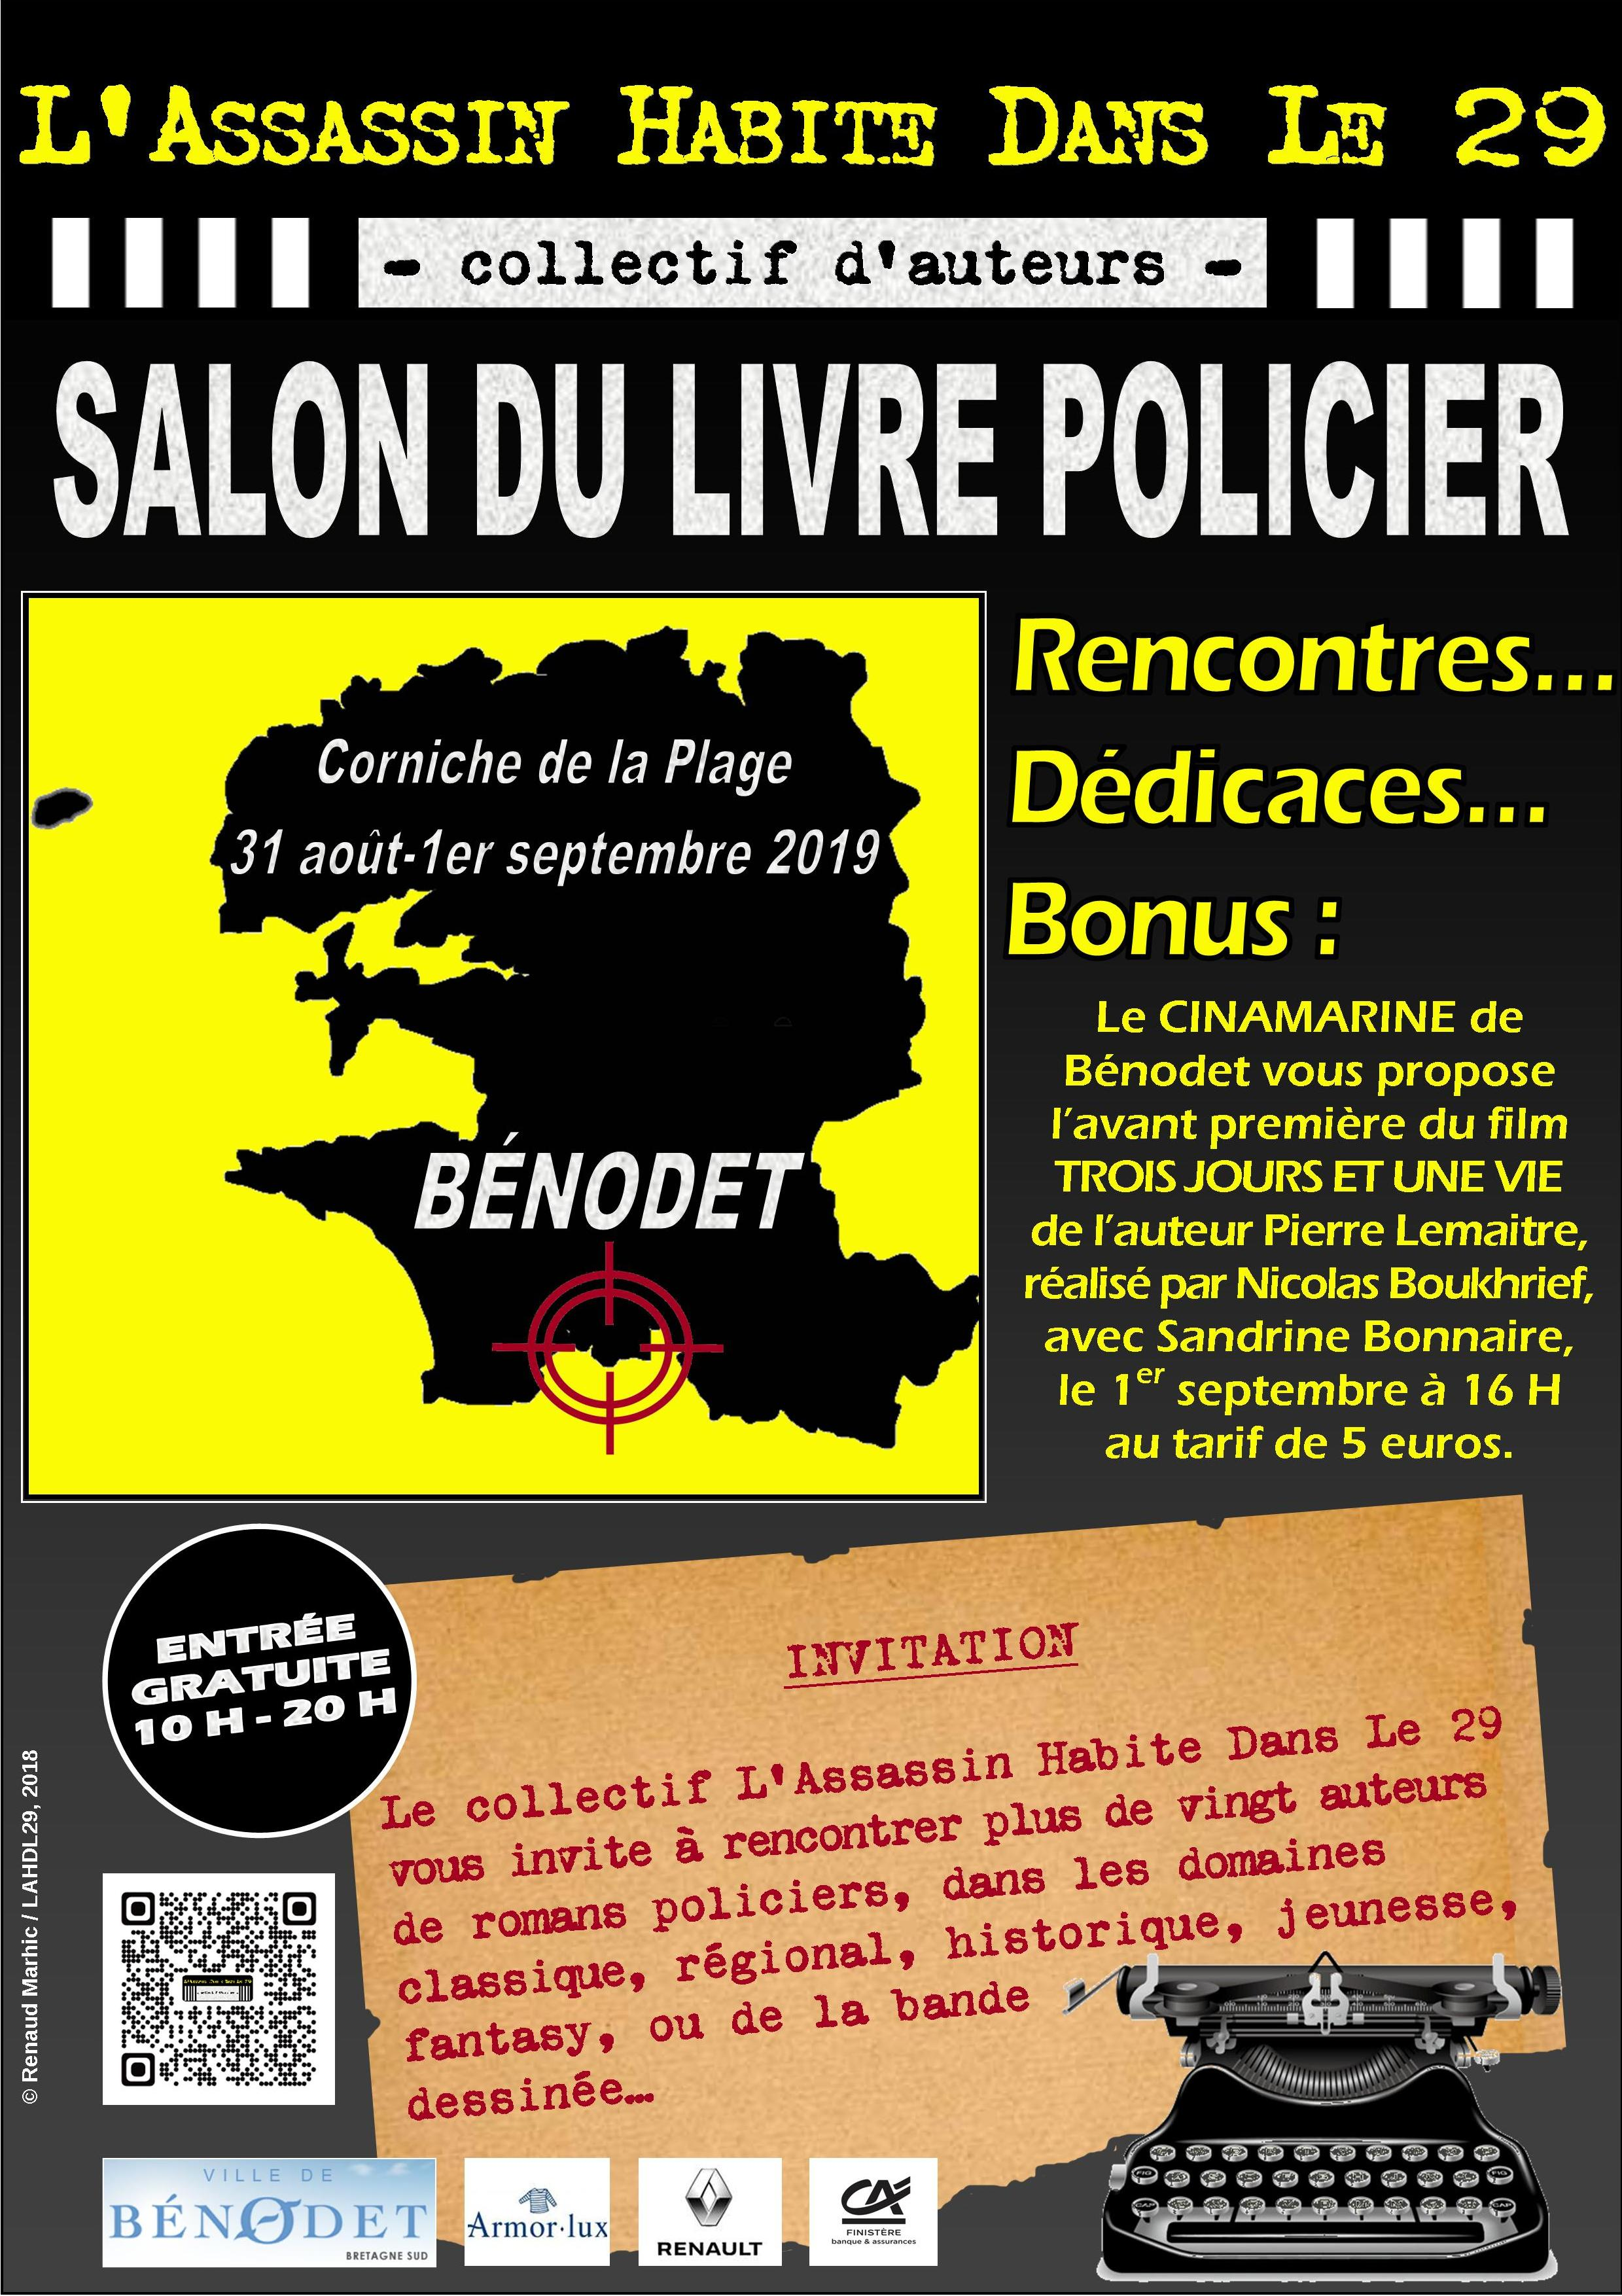 Les Lutins Urbains au salon du Livre Policier de L'Assassin Habite Dans Le 29 à Bénodet 2019